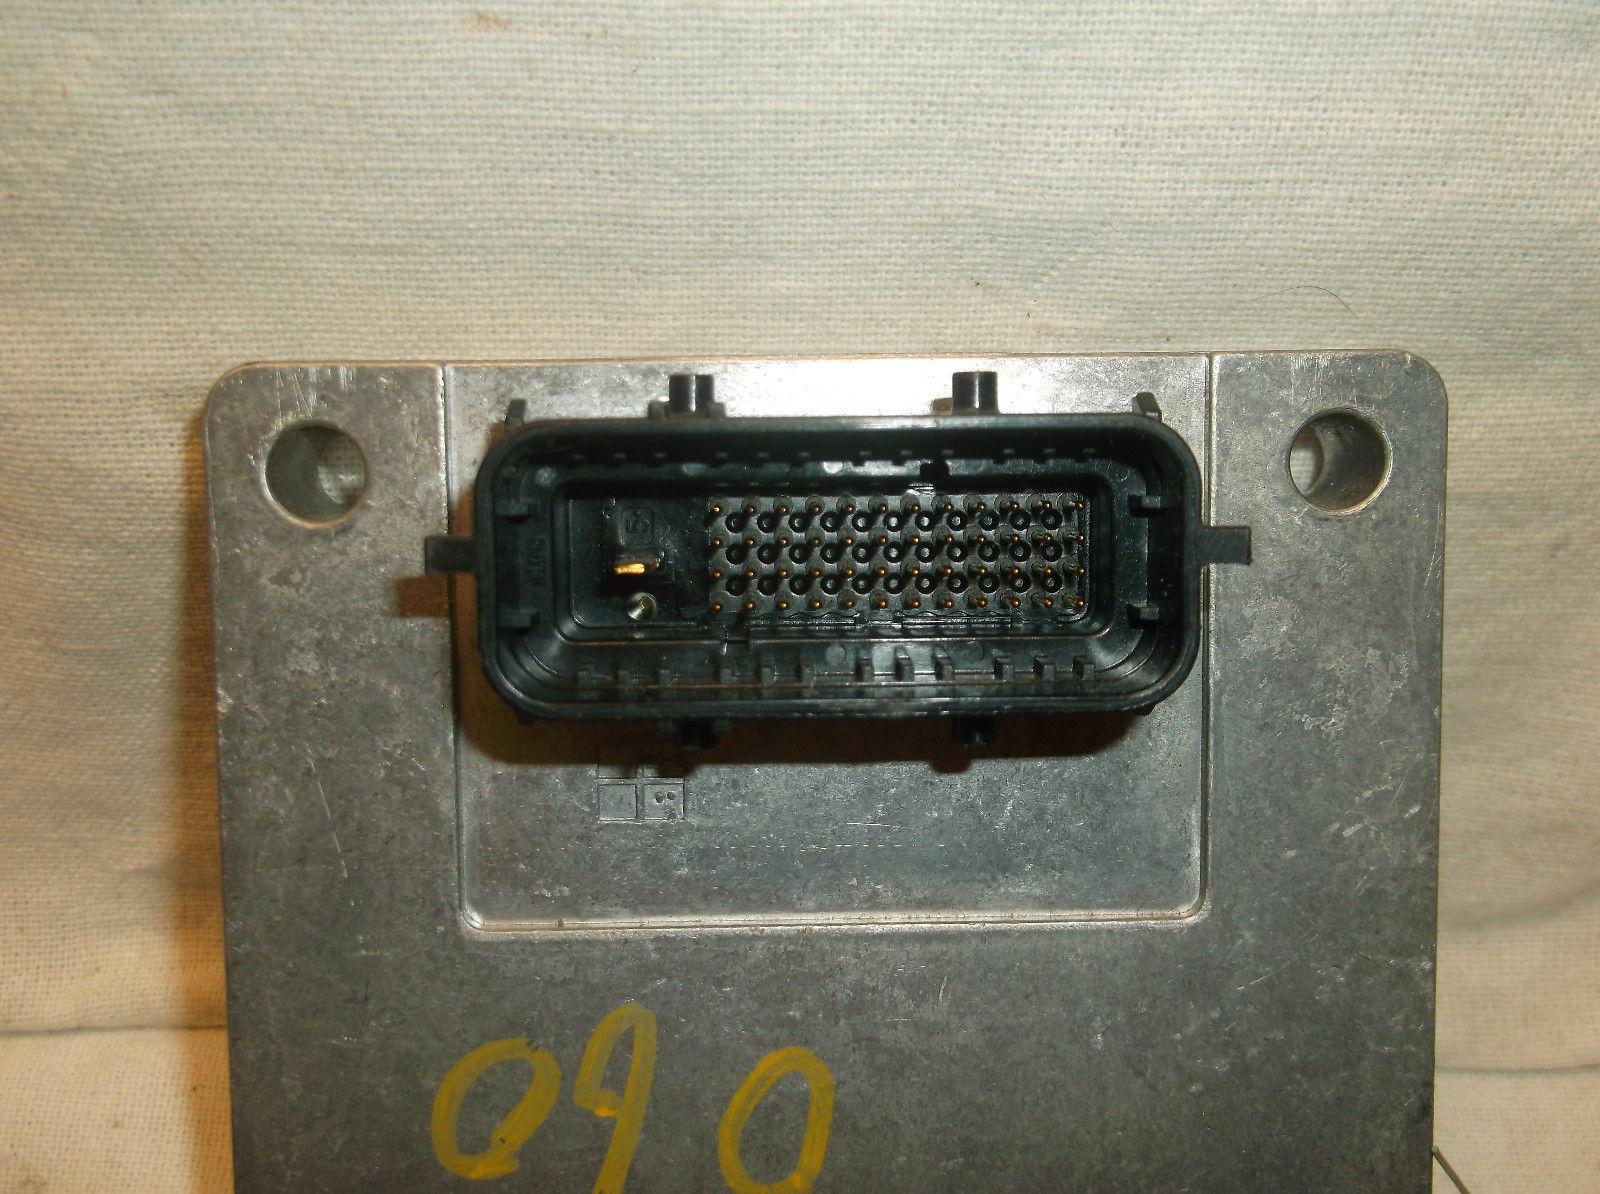 06 07 08 09 10 11 chevrolet impala dts transmission. Black Bedroom Furniture Sets. Home Design Ideas